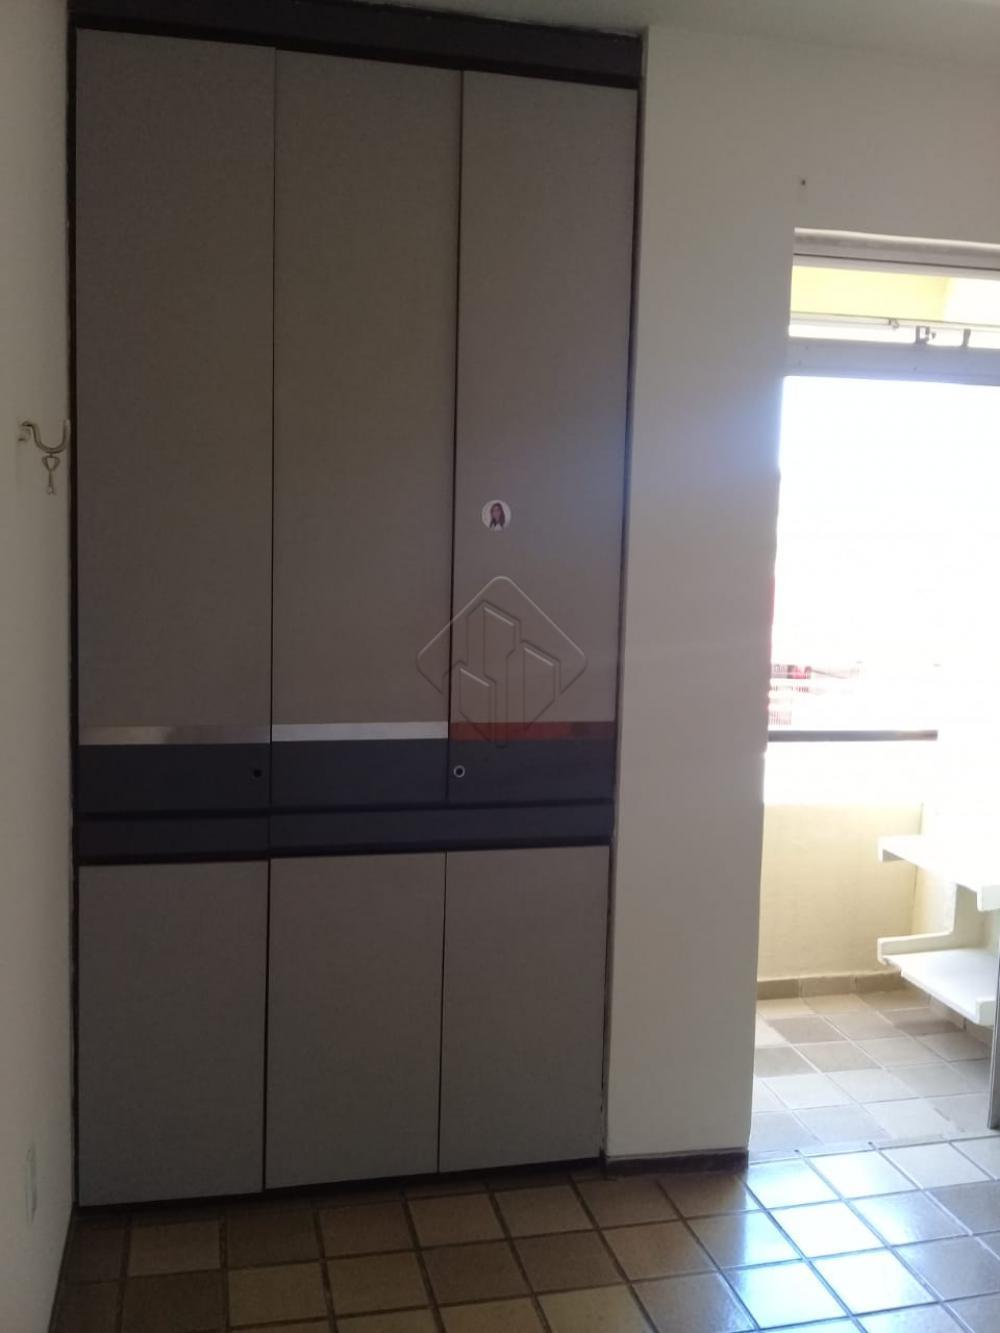 Comprar Apartamento / Padrão em João Pessoa apenas R$ 300.000,00 - Foto 20